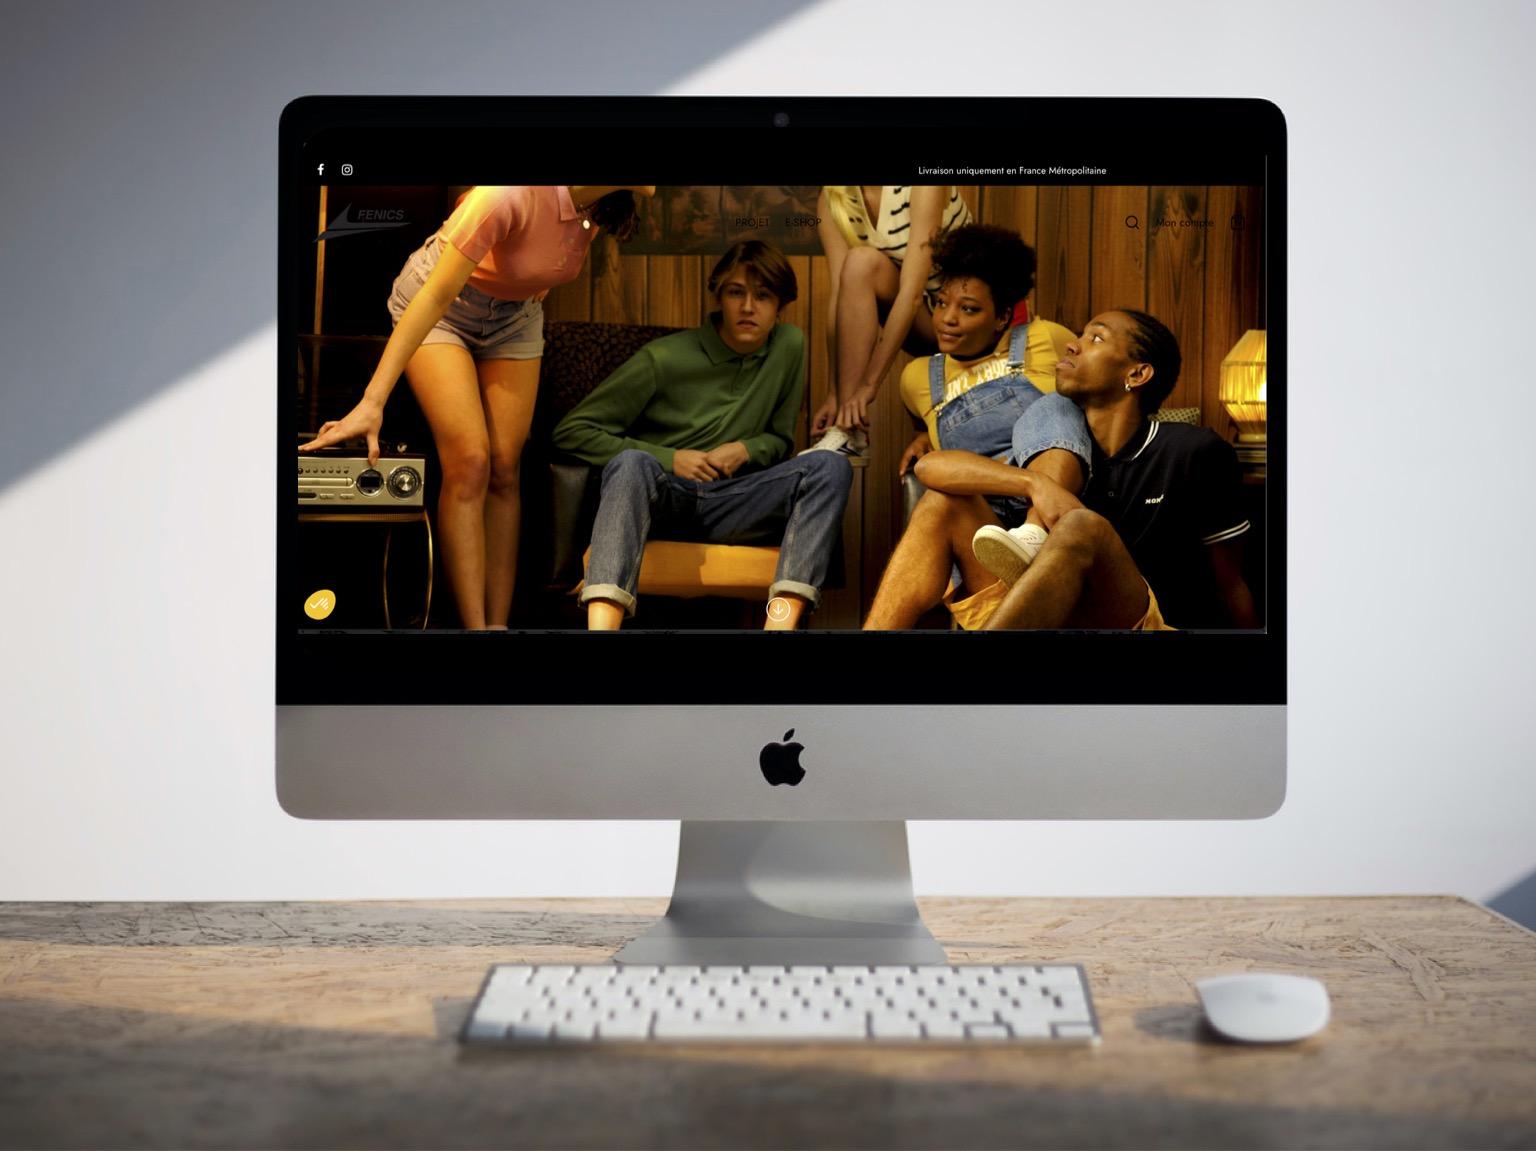 Fenics Shoes par Agence Darlow Paris I Agence site web & communication digitale I Paris / NYC / Dubaï